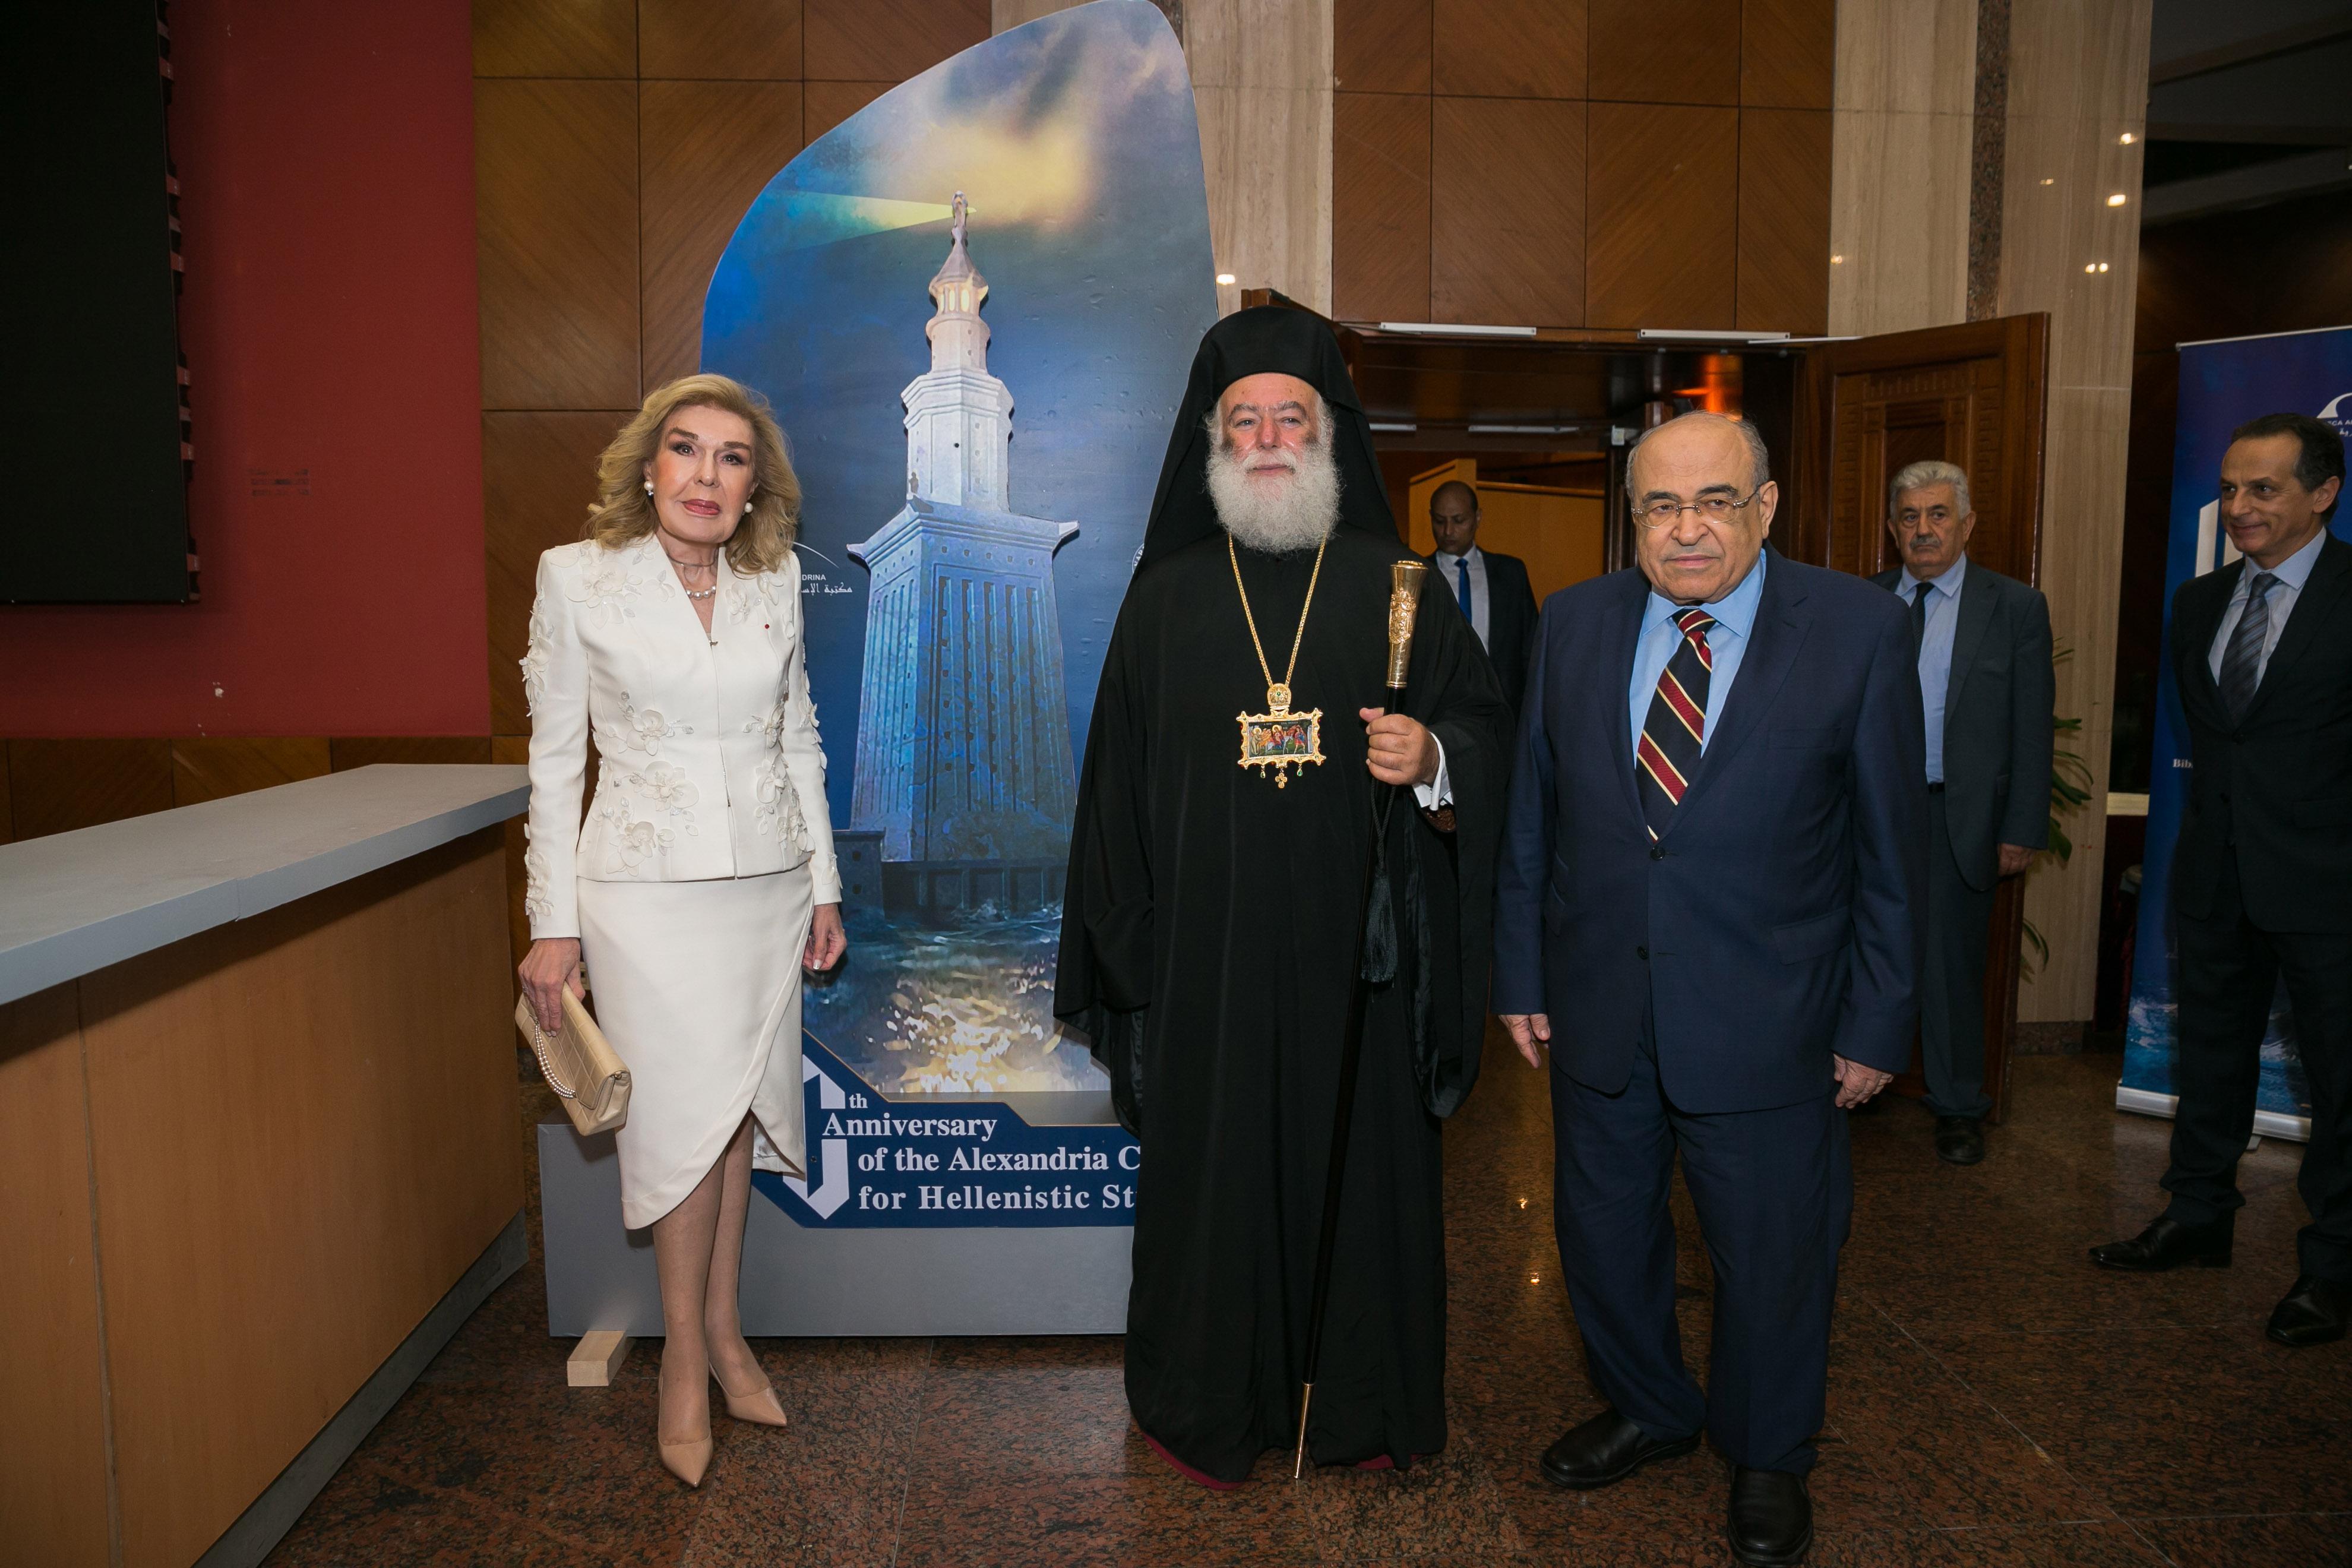 Μαριάννα Β. Βαρδινογιάννη,  Μακαριώτατος Πατριάρχης Αλεξάνδρειας και Πάσης Αφρικής Θεόδωρος Β',  Mostafa El Feki